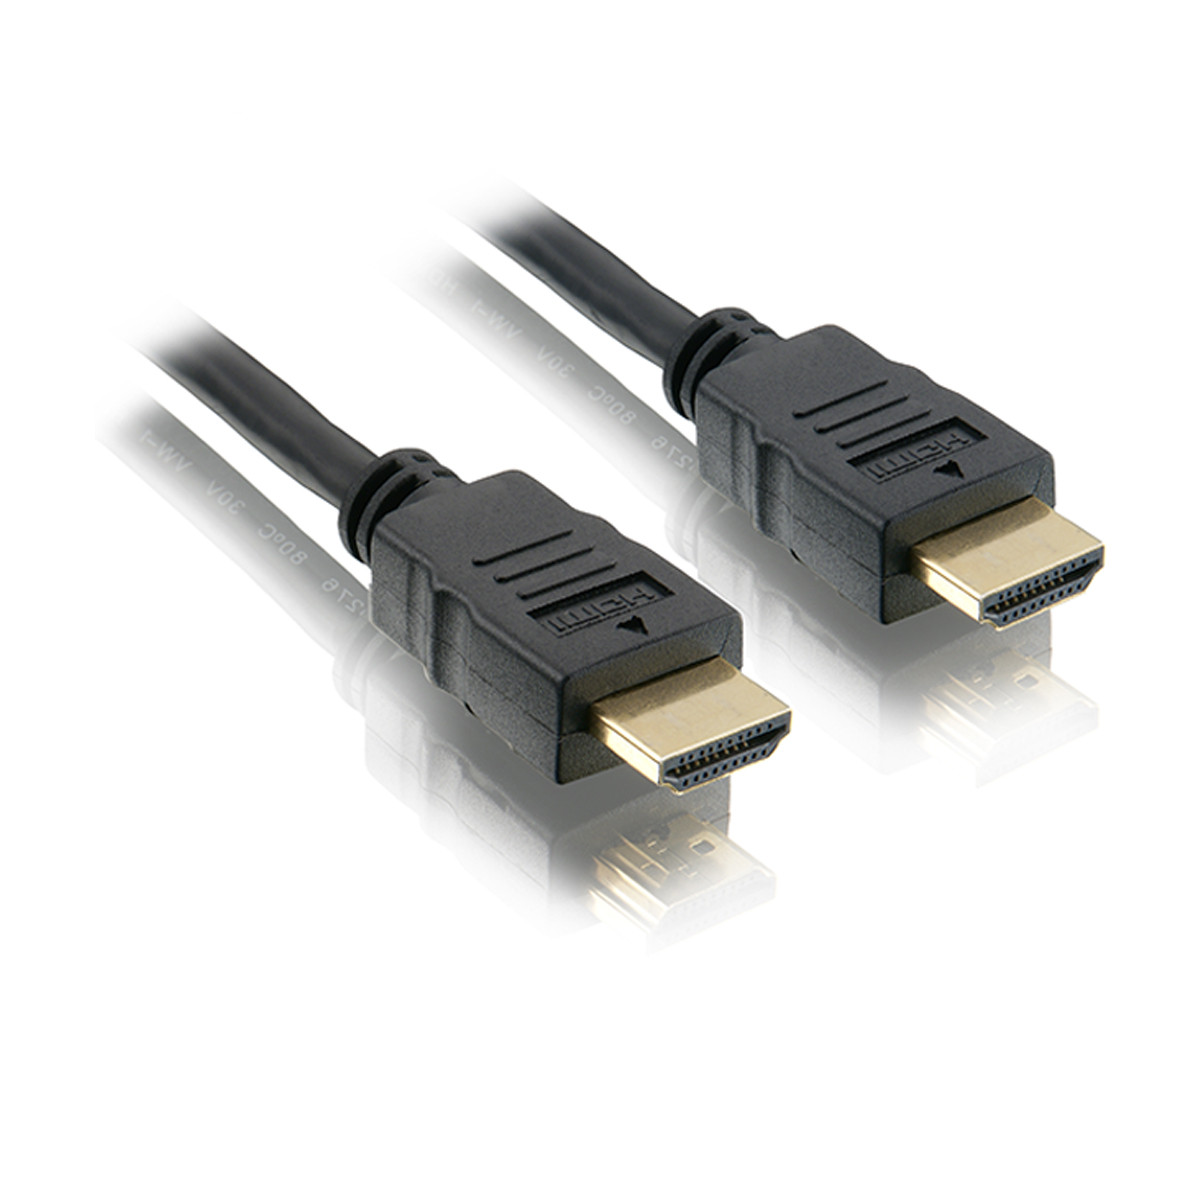 Cabo HDMI 3 metros de comprimento Versão 1.4 Conector PVC | Preto Elgin